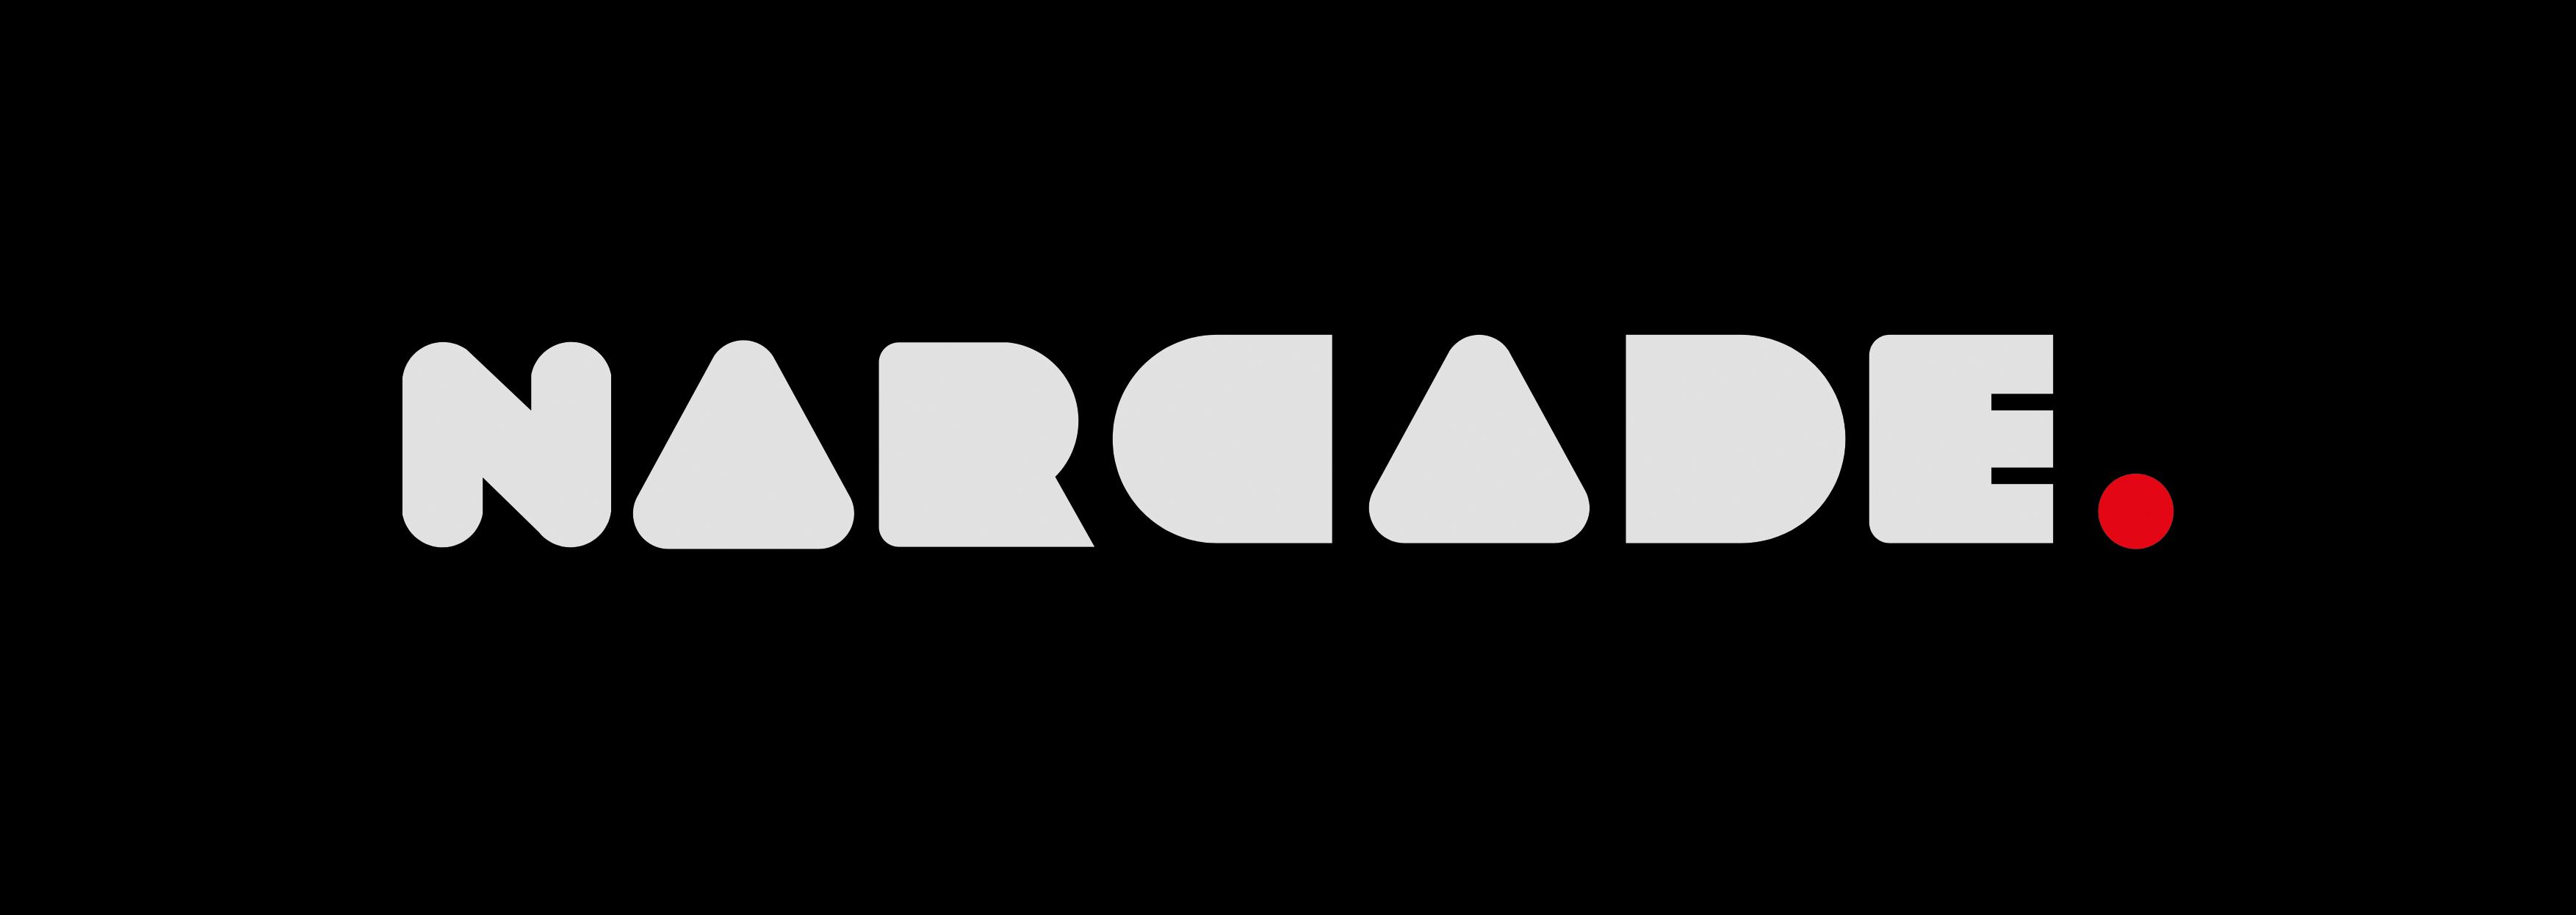 Narcade